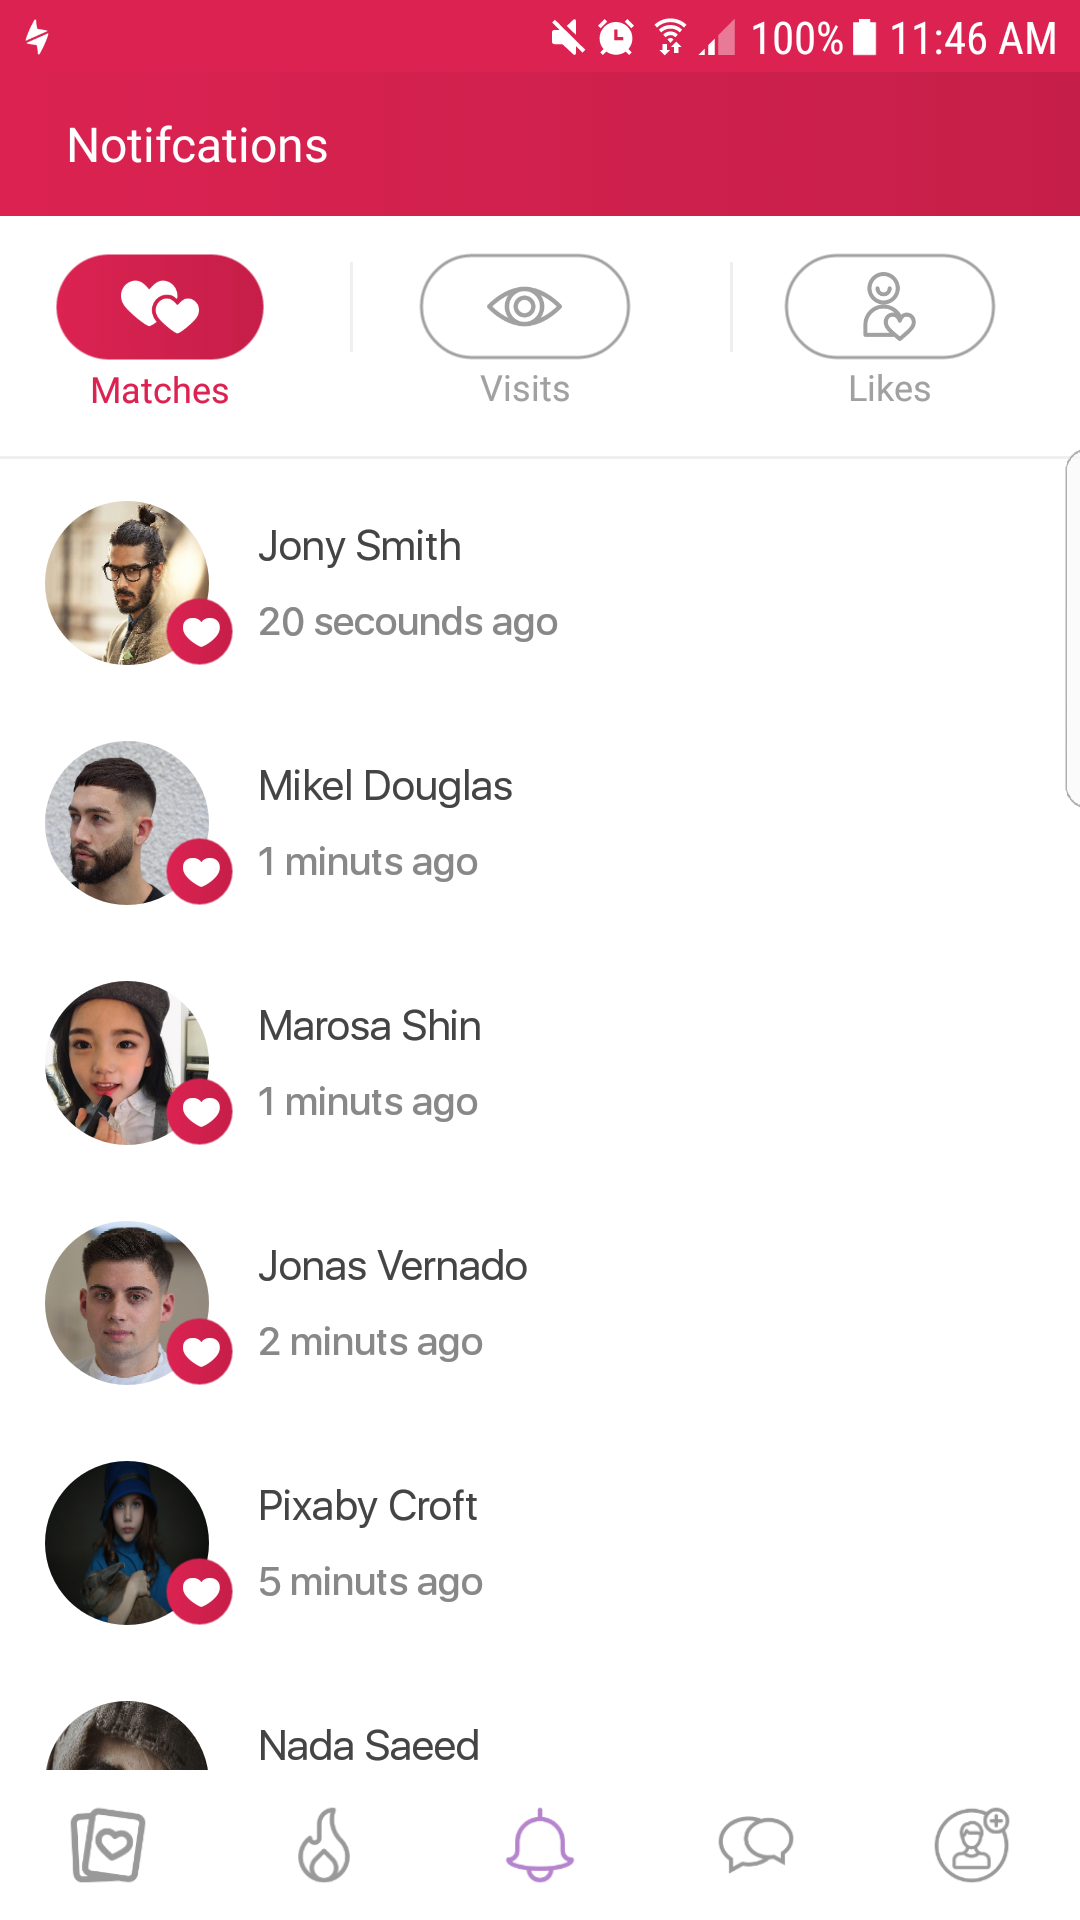 安卓快約APP -移動社交約會平台應用程序插圖5